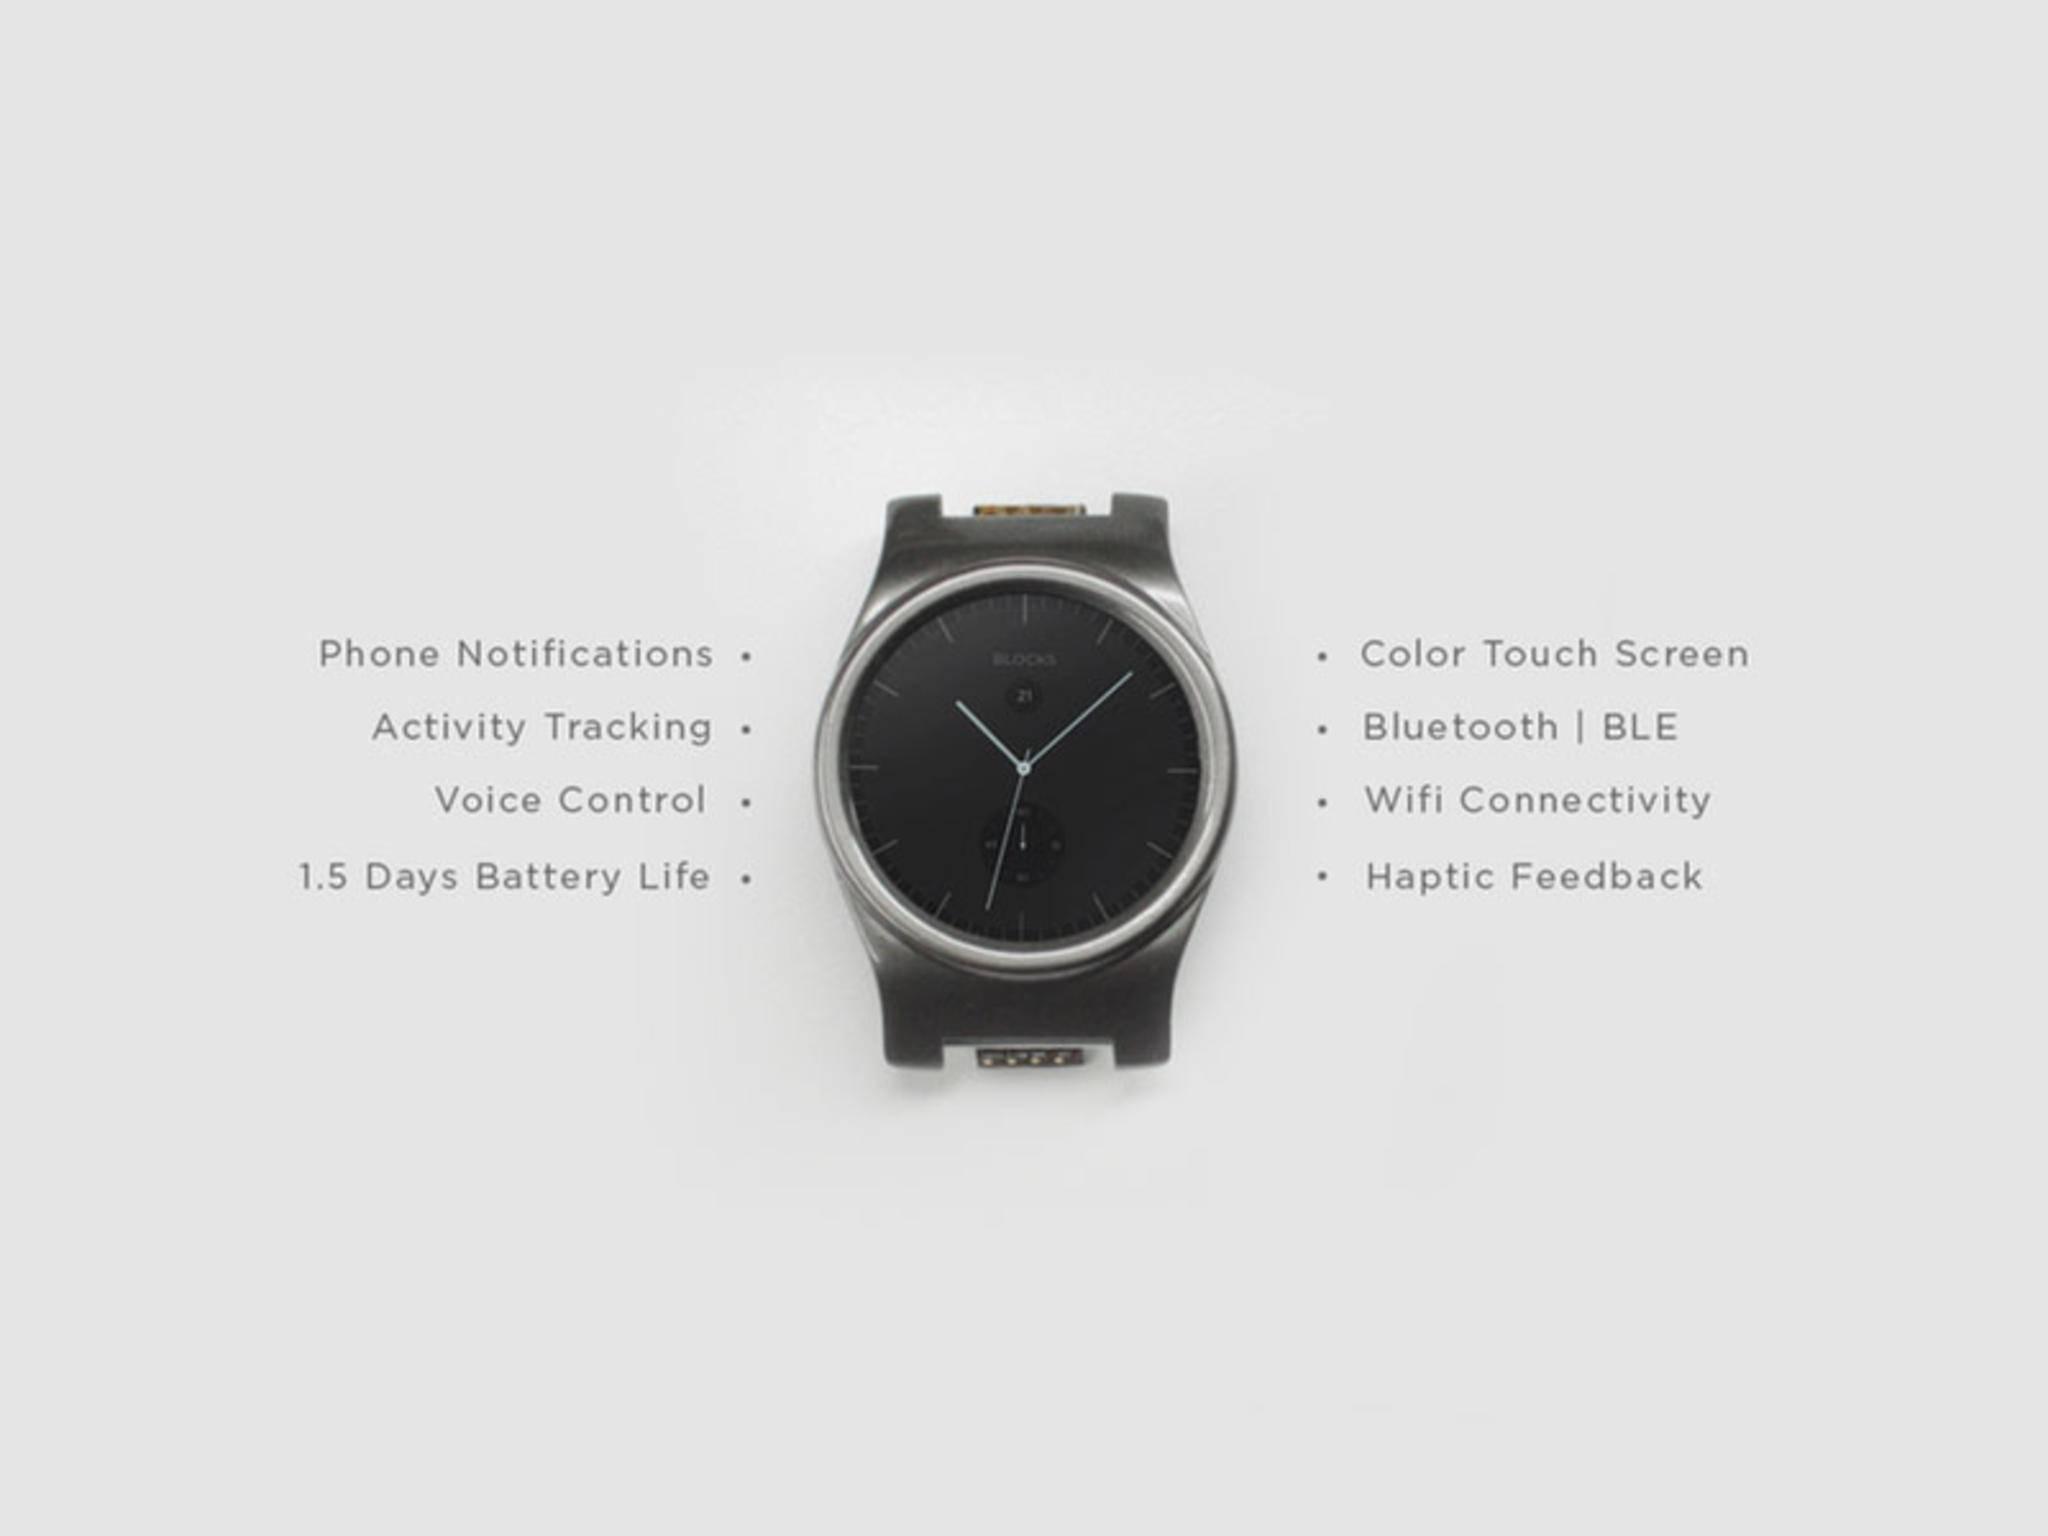 Das sind die Features der eigentlichen Smartwatch.